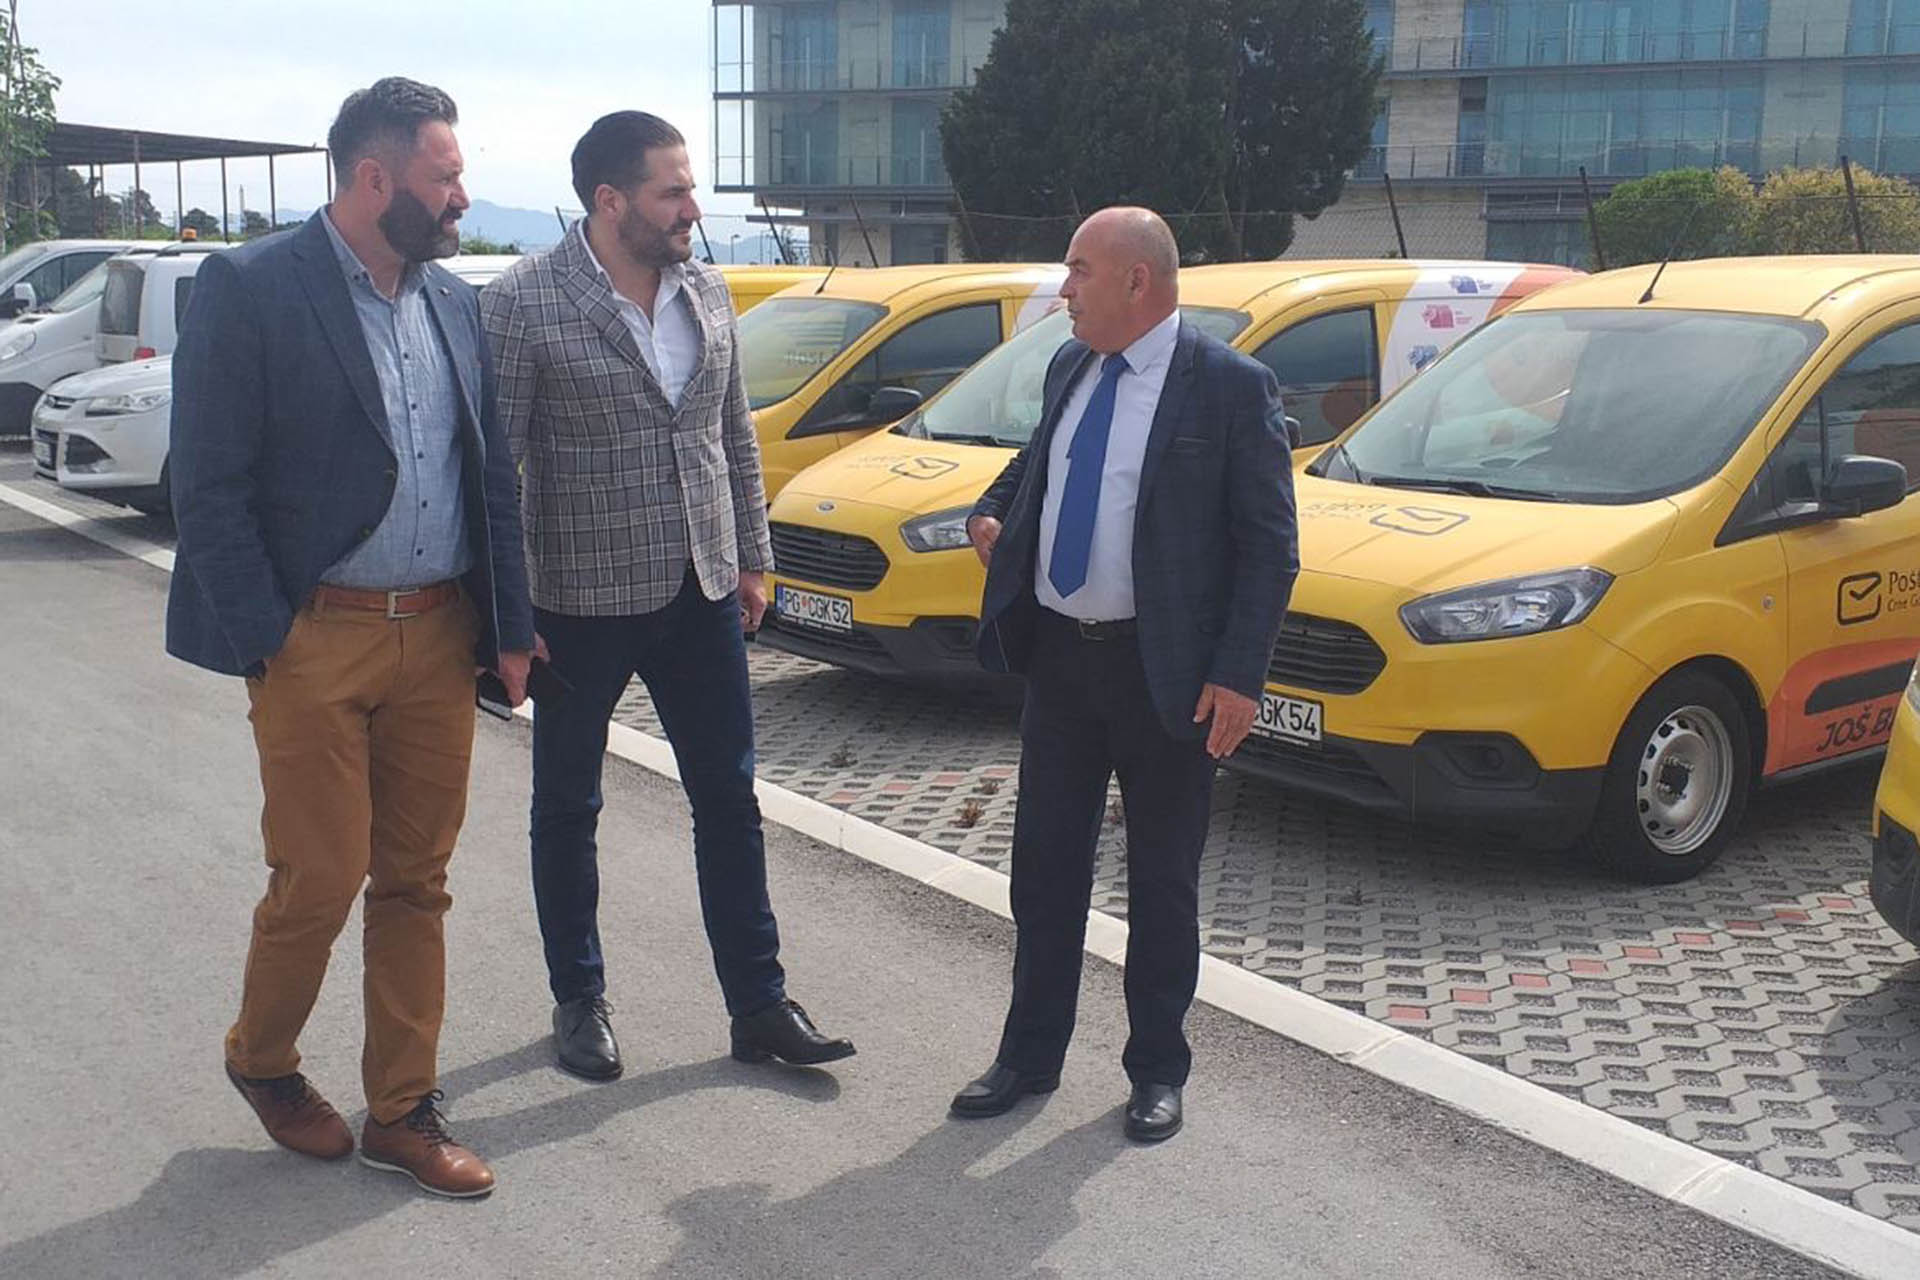 Izvršni direktor i Predsjednik Odbora direktora posjetili novi objekat PLC-a